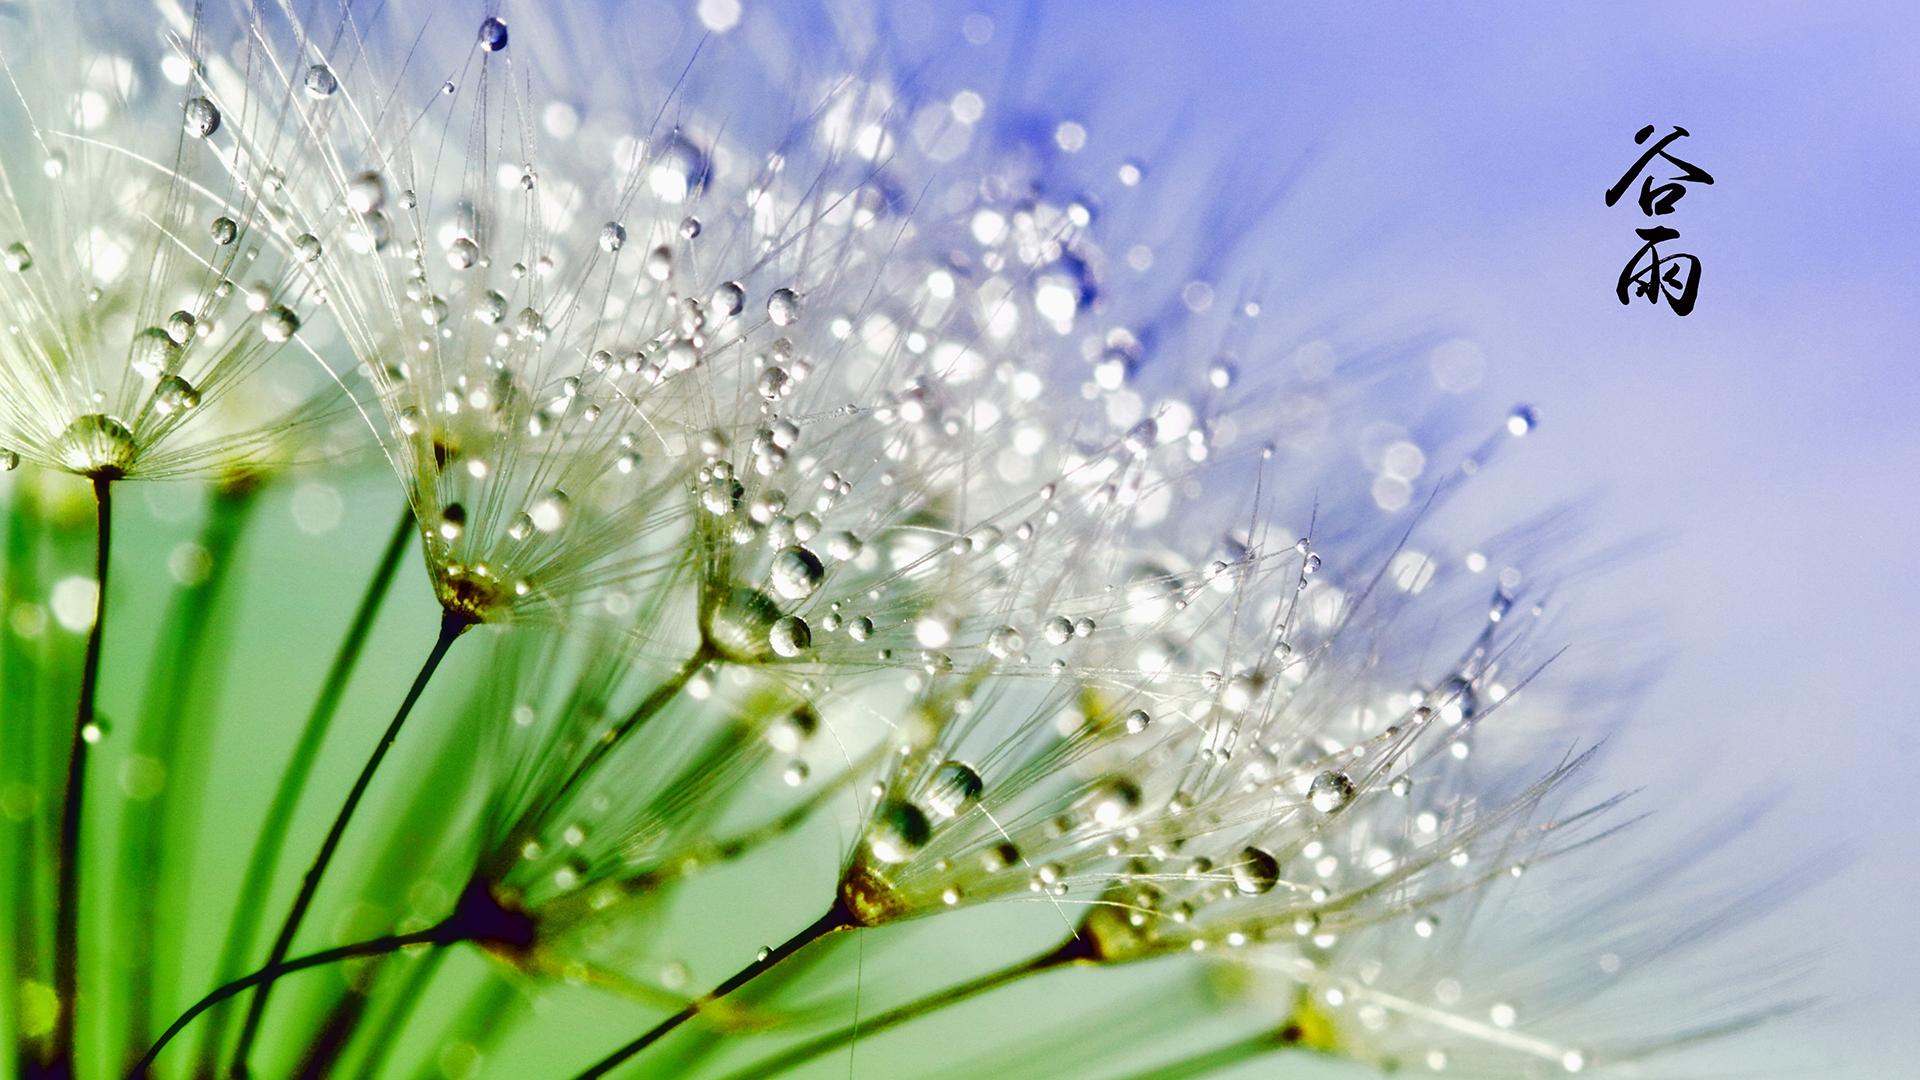 谷雨绿色小草植物护眼电脑高清壁纸图片